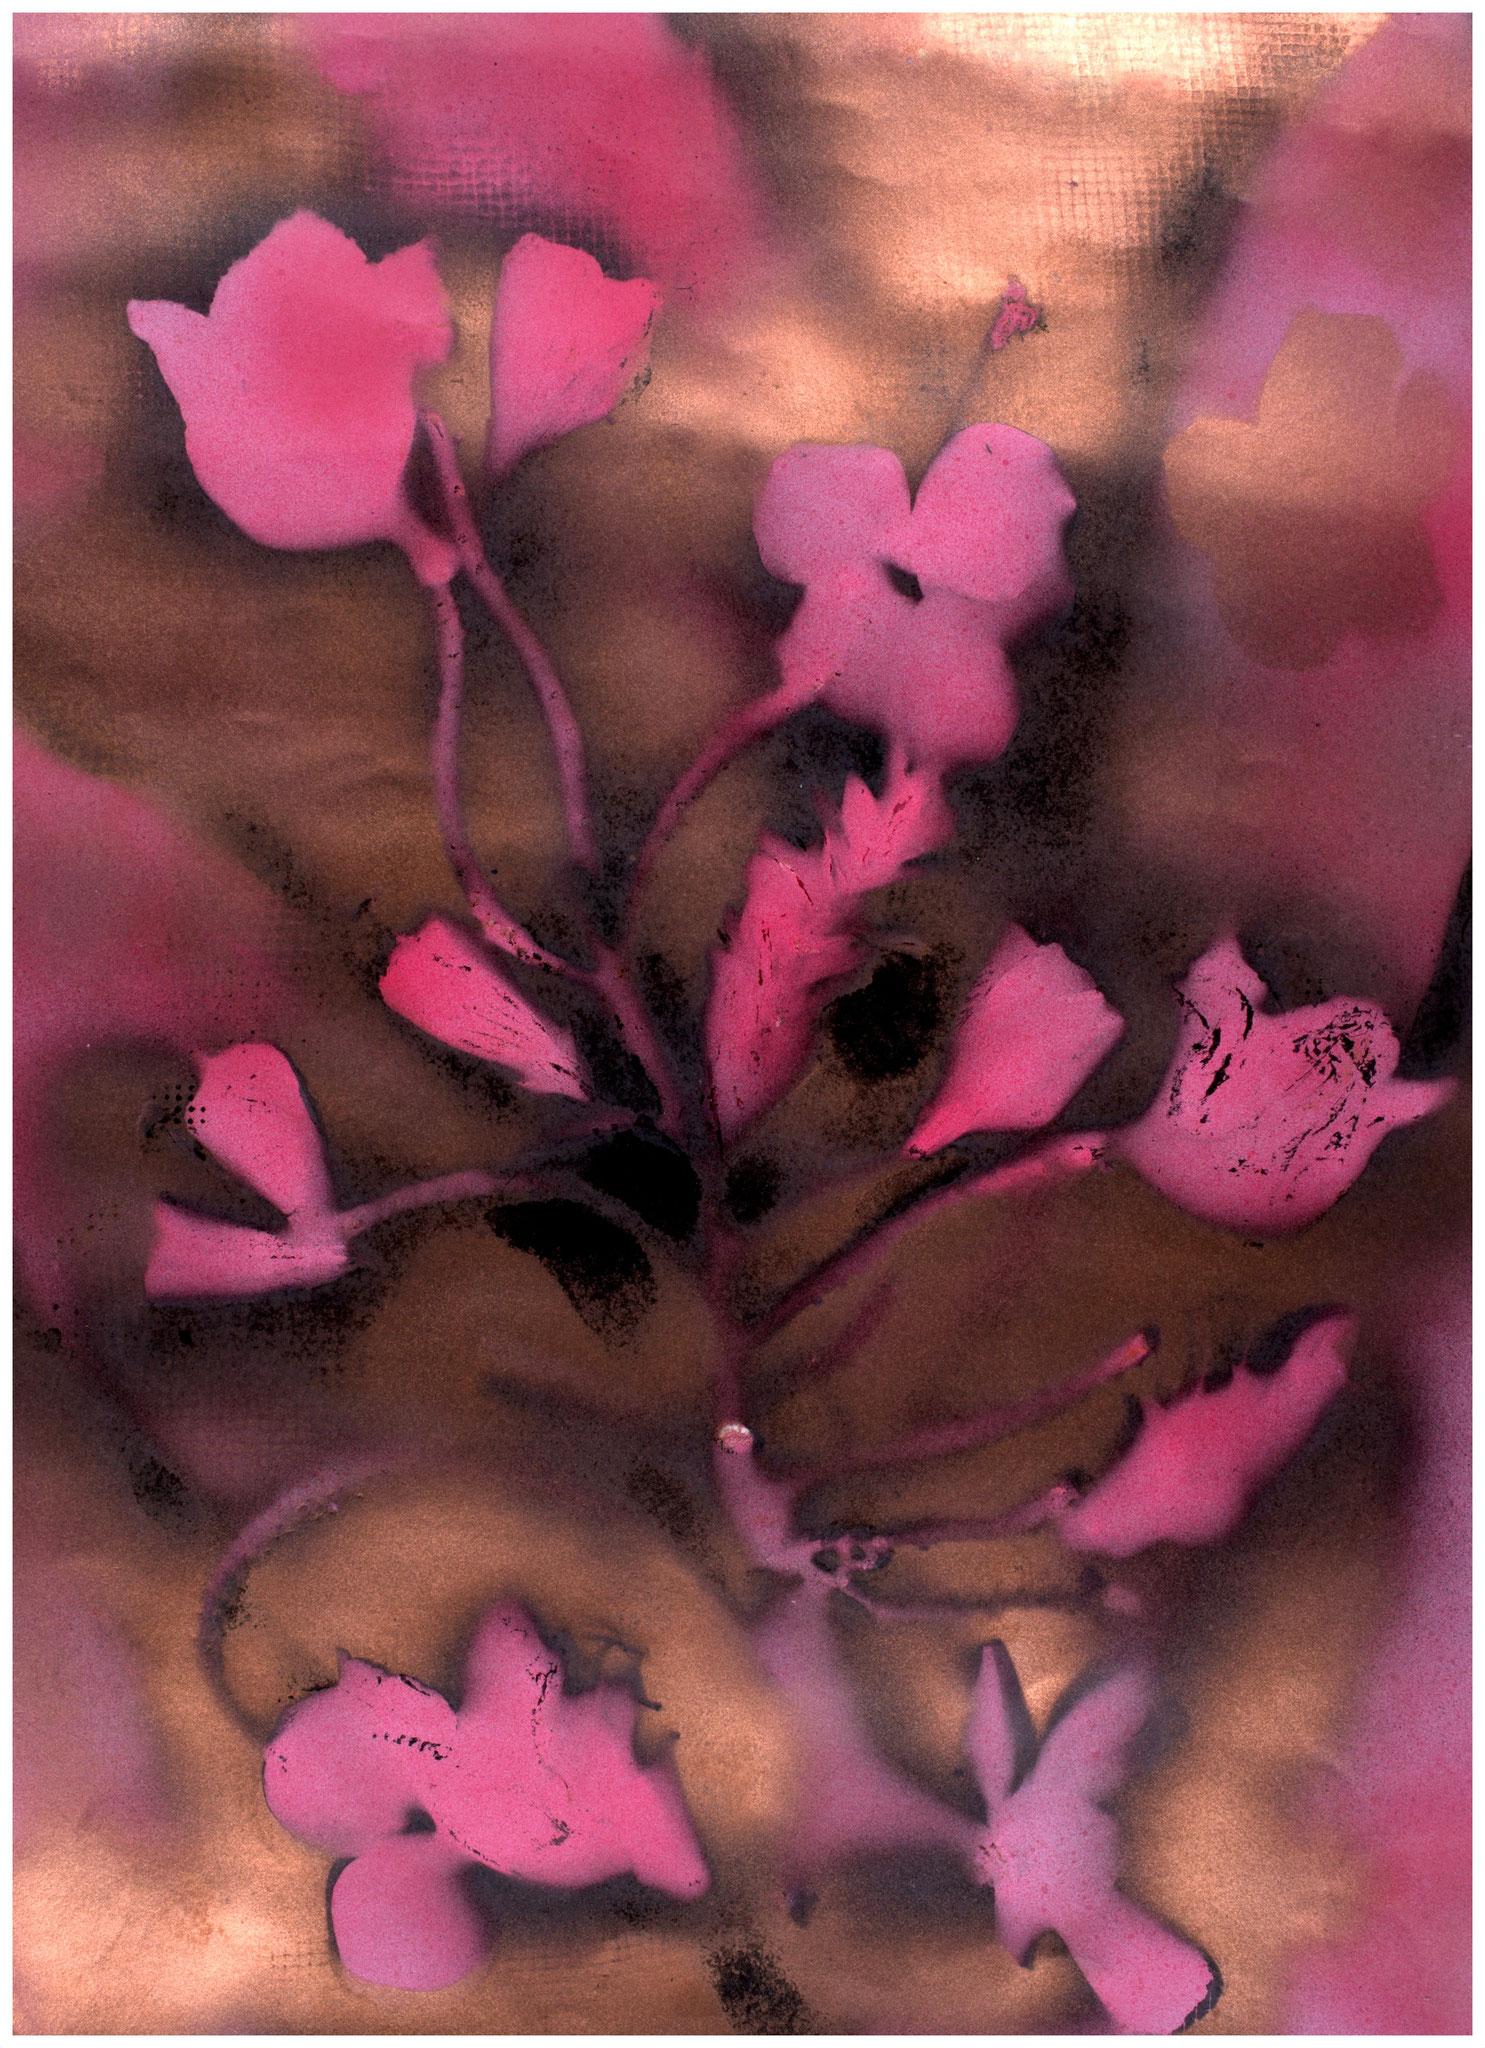 Les fleur du mal, Sprayarbeit auf Papier